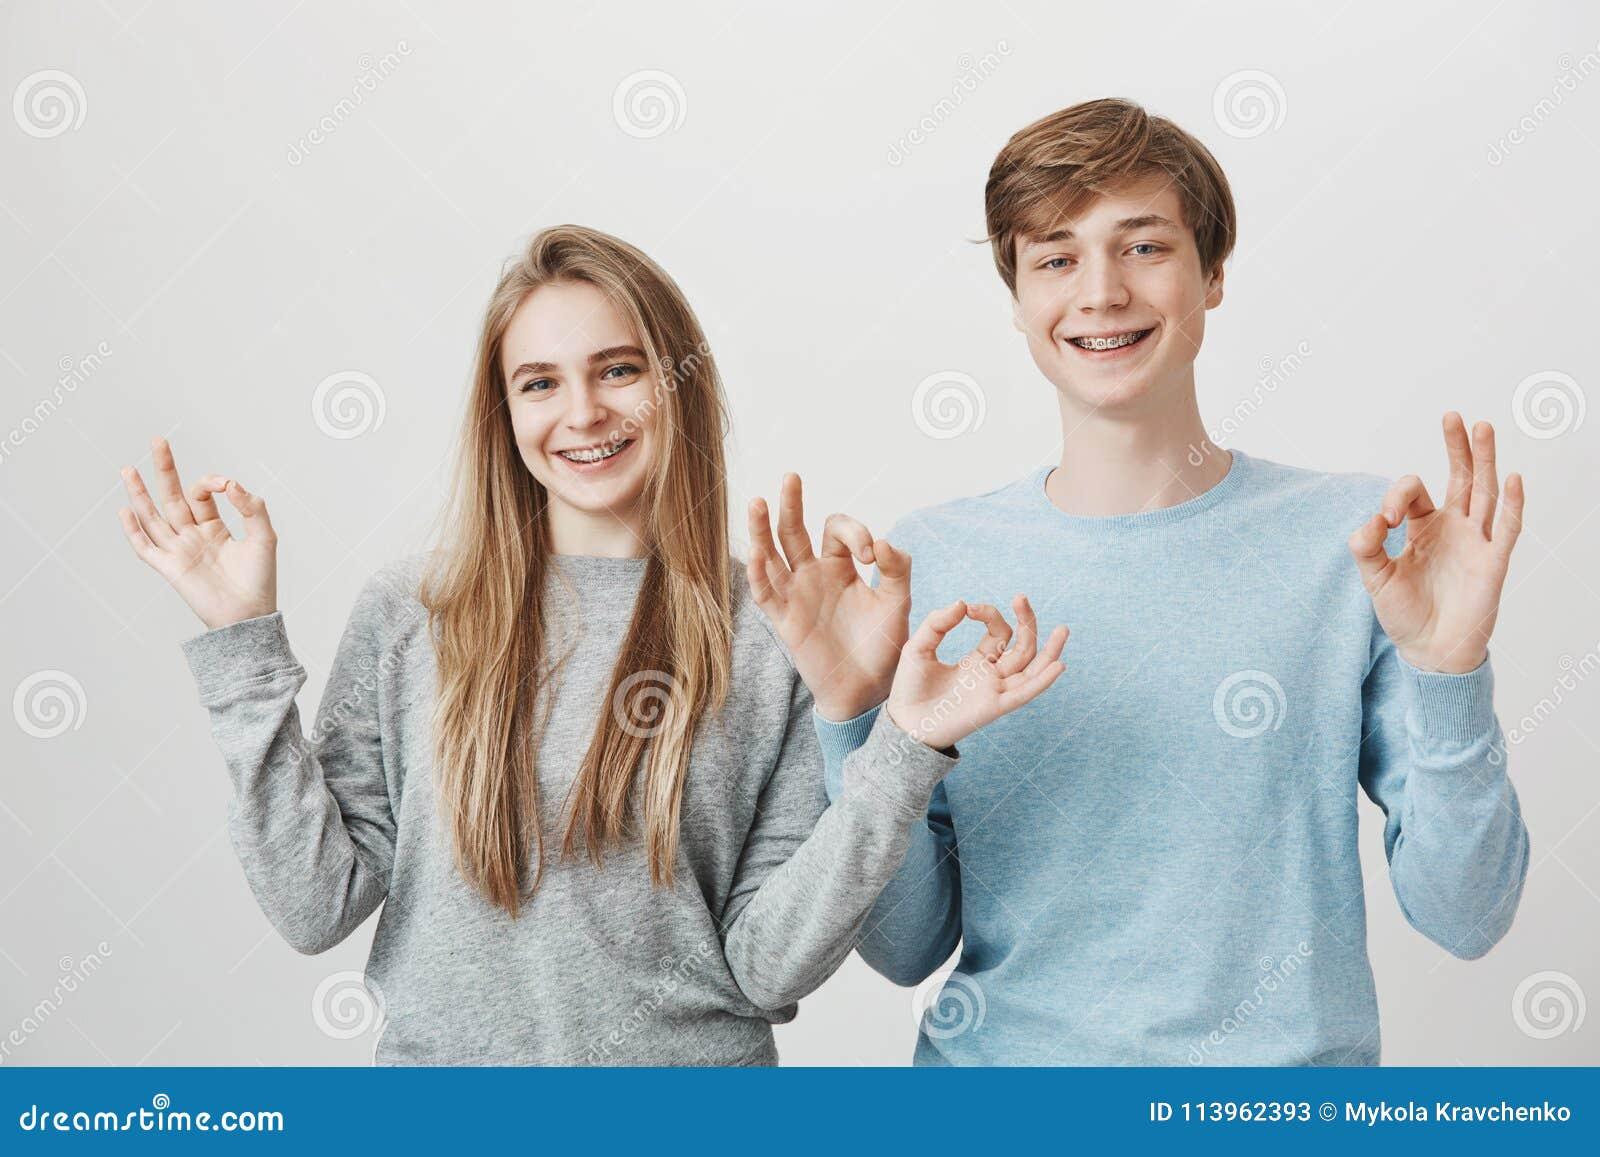 Familjenhet ser som denna Charmigt vänligt syskon som i huvudsak ler, står near och ok visar gest med